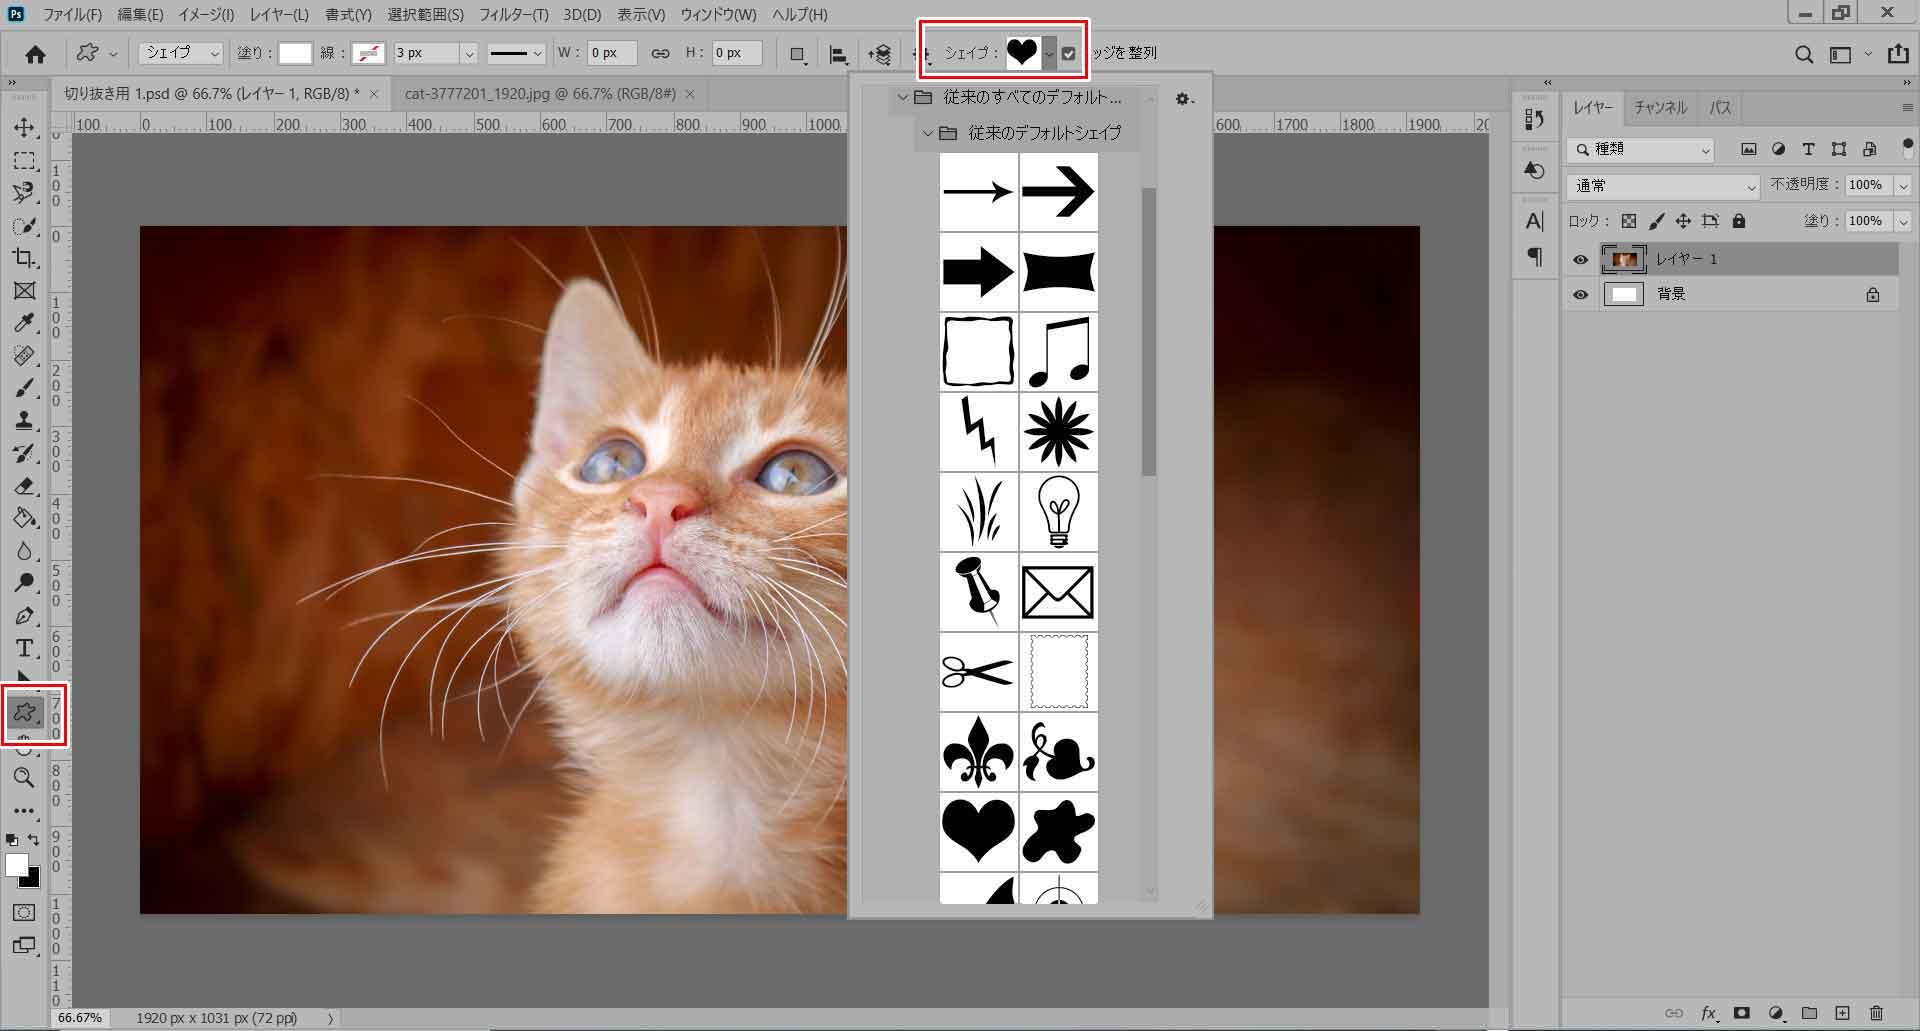 切り抜く画像を開いてカスタムシェイプから切り抜く枠を選択する